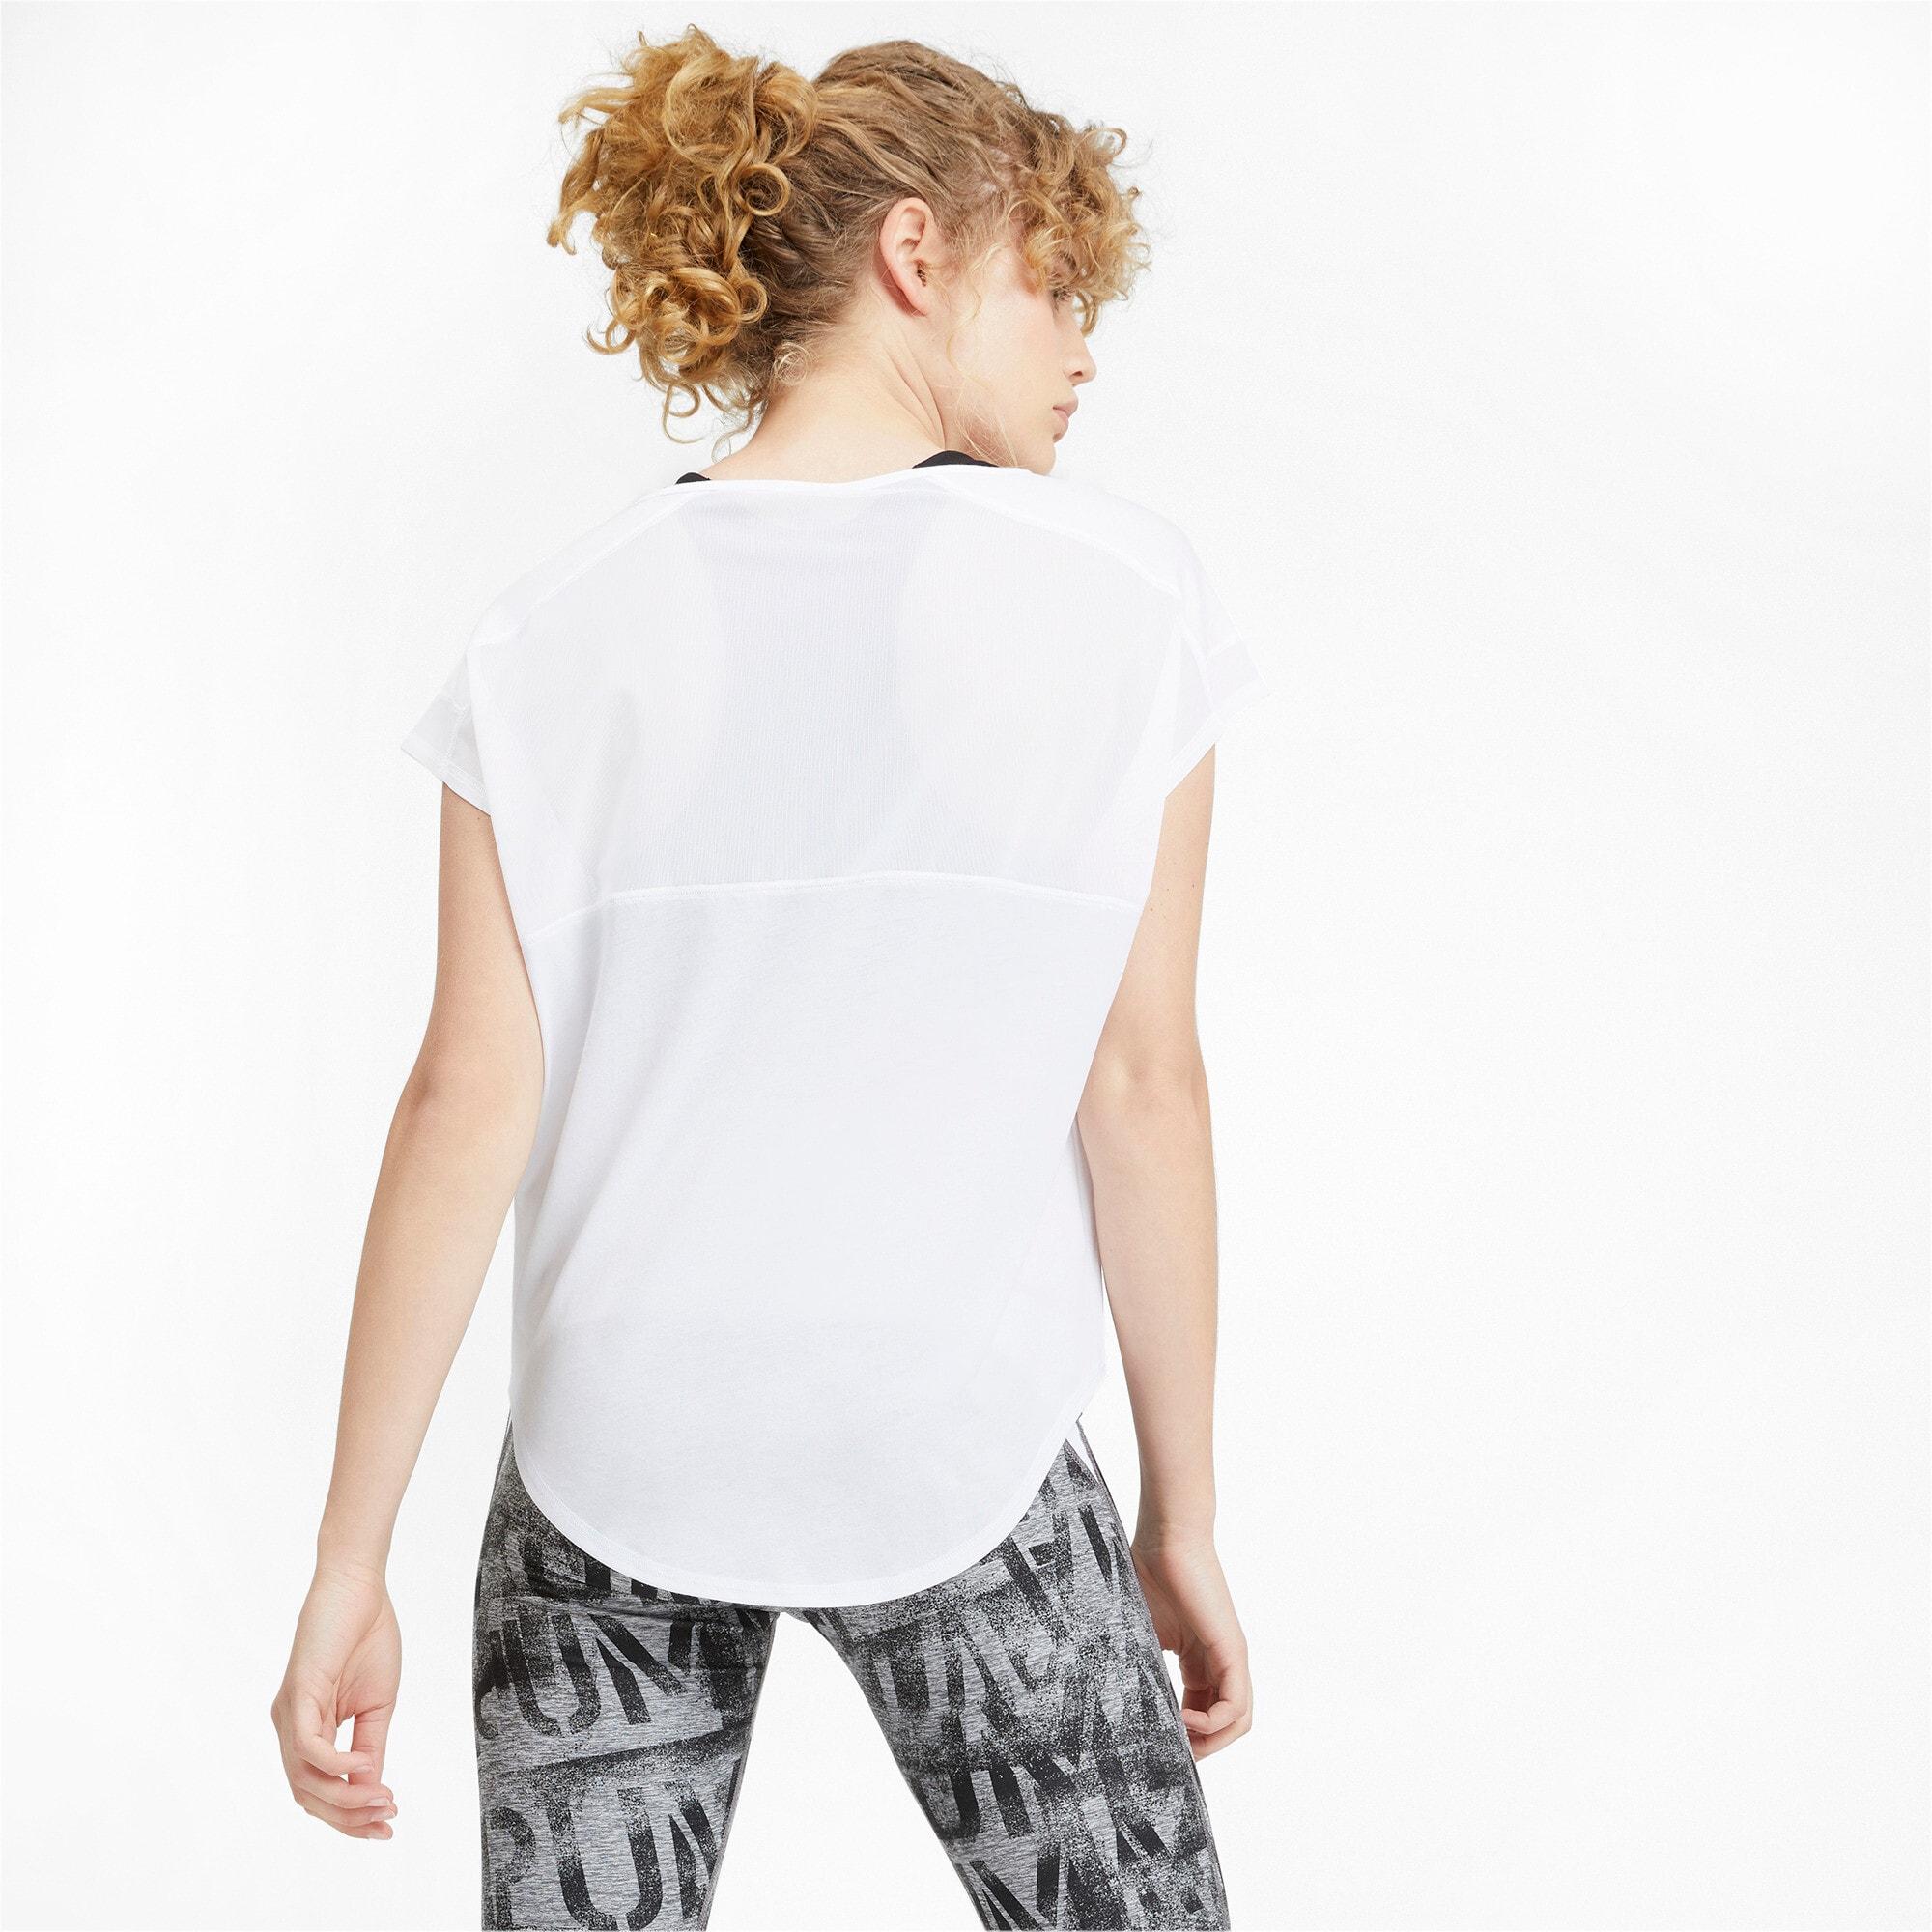 Thumbnail 3 of スタジオ SS ウィメンズ トレーニング メッシュ キャット Tシャツ 半袖, Puma White, medium-JPN